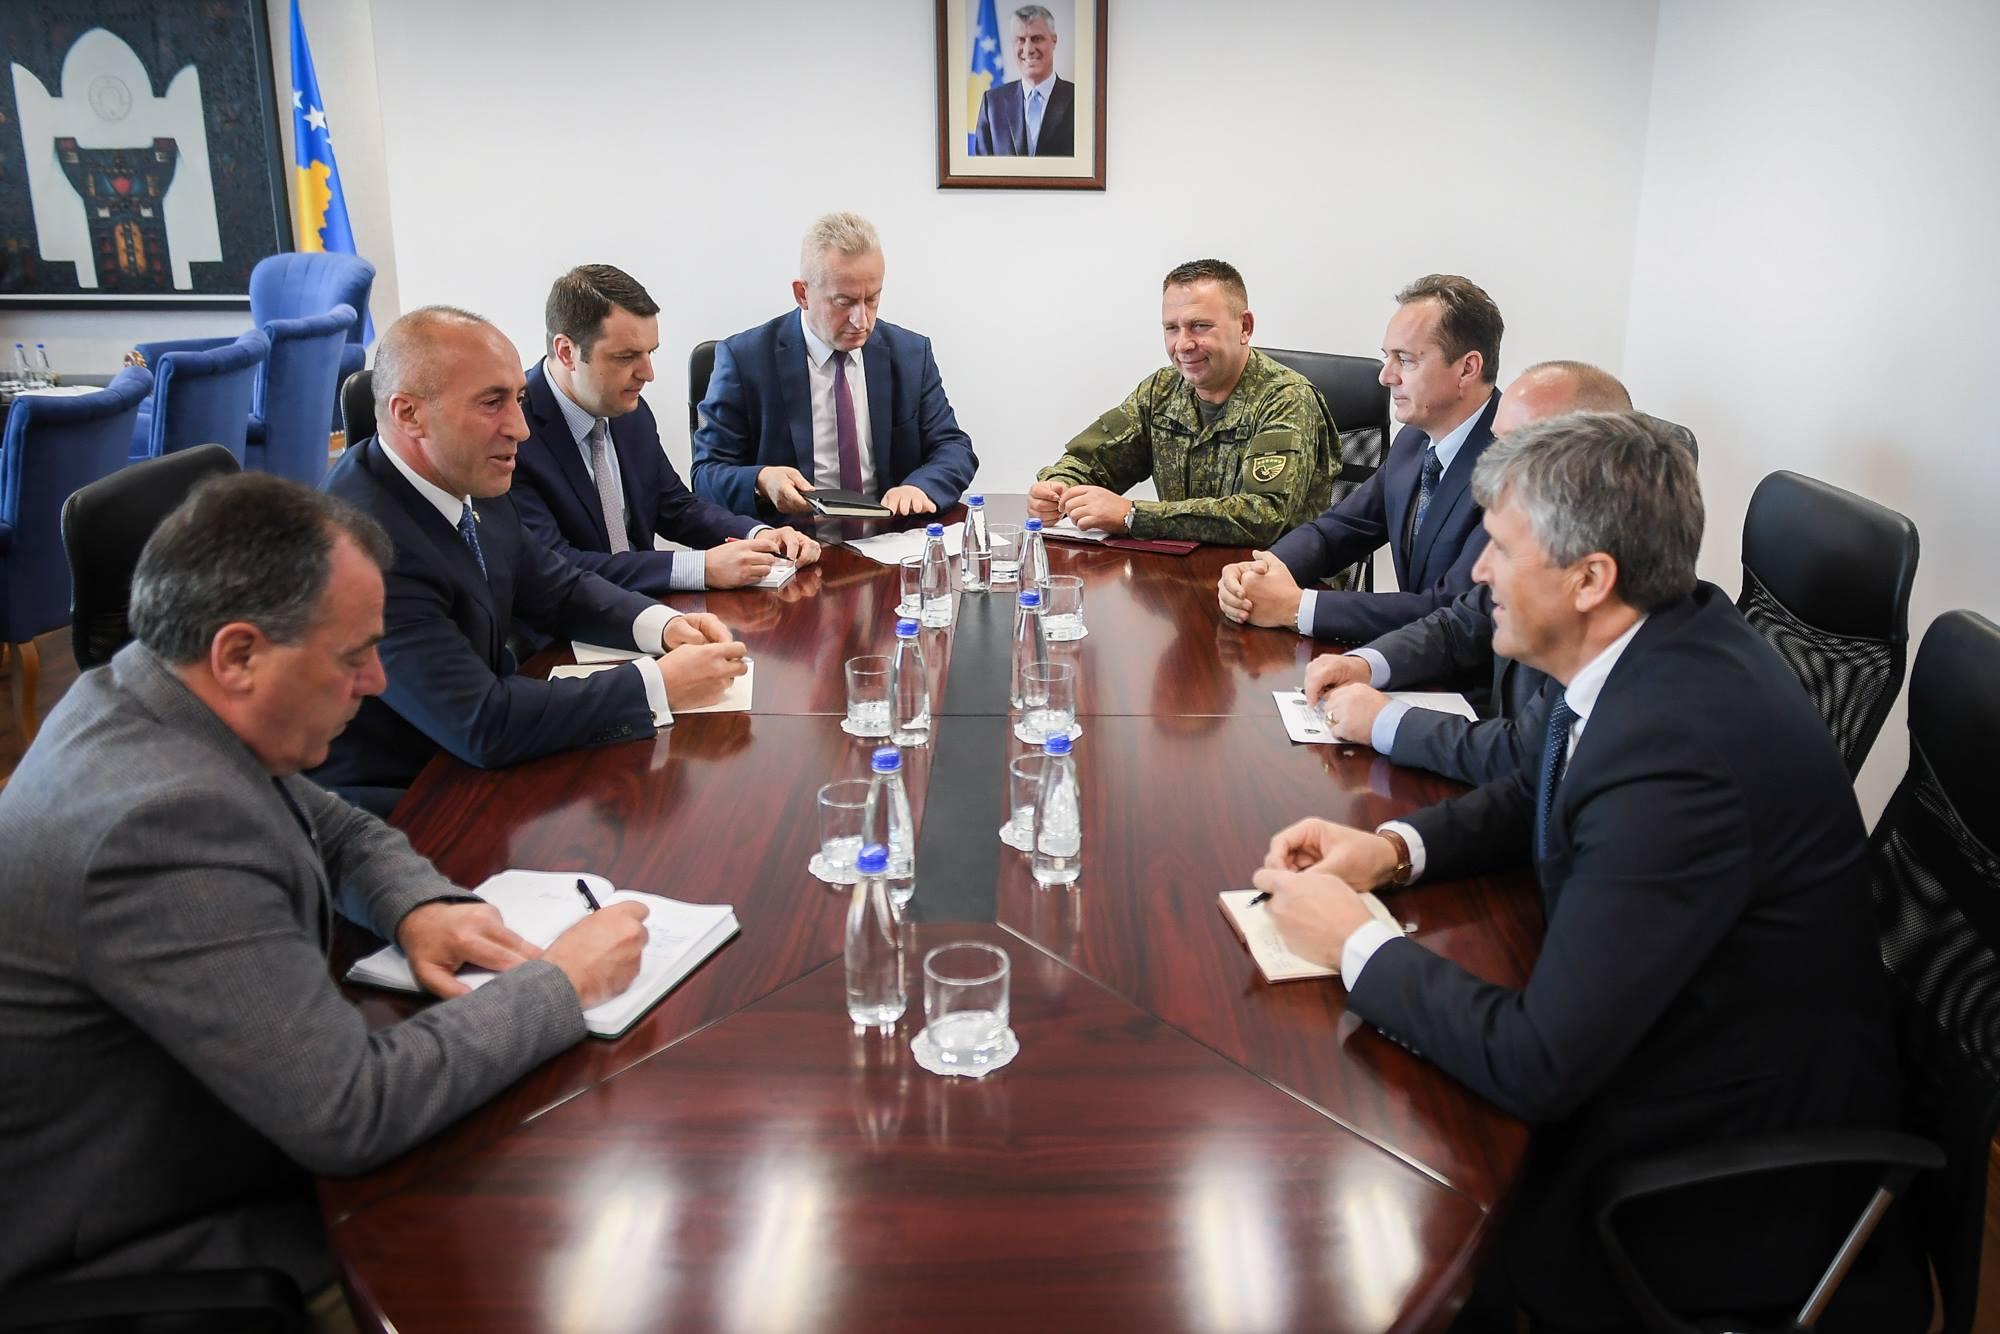 Në ditët e fundit 326 zjarre, Haradinaj kërkon kujdes nga qytetarët